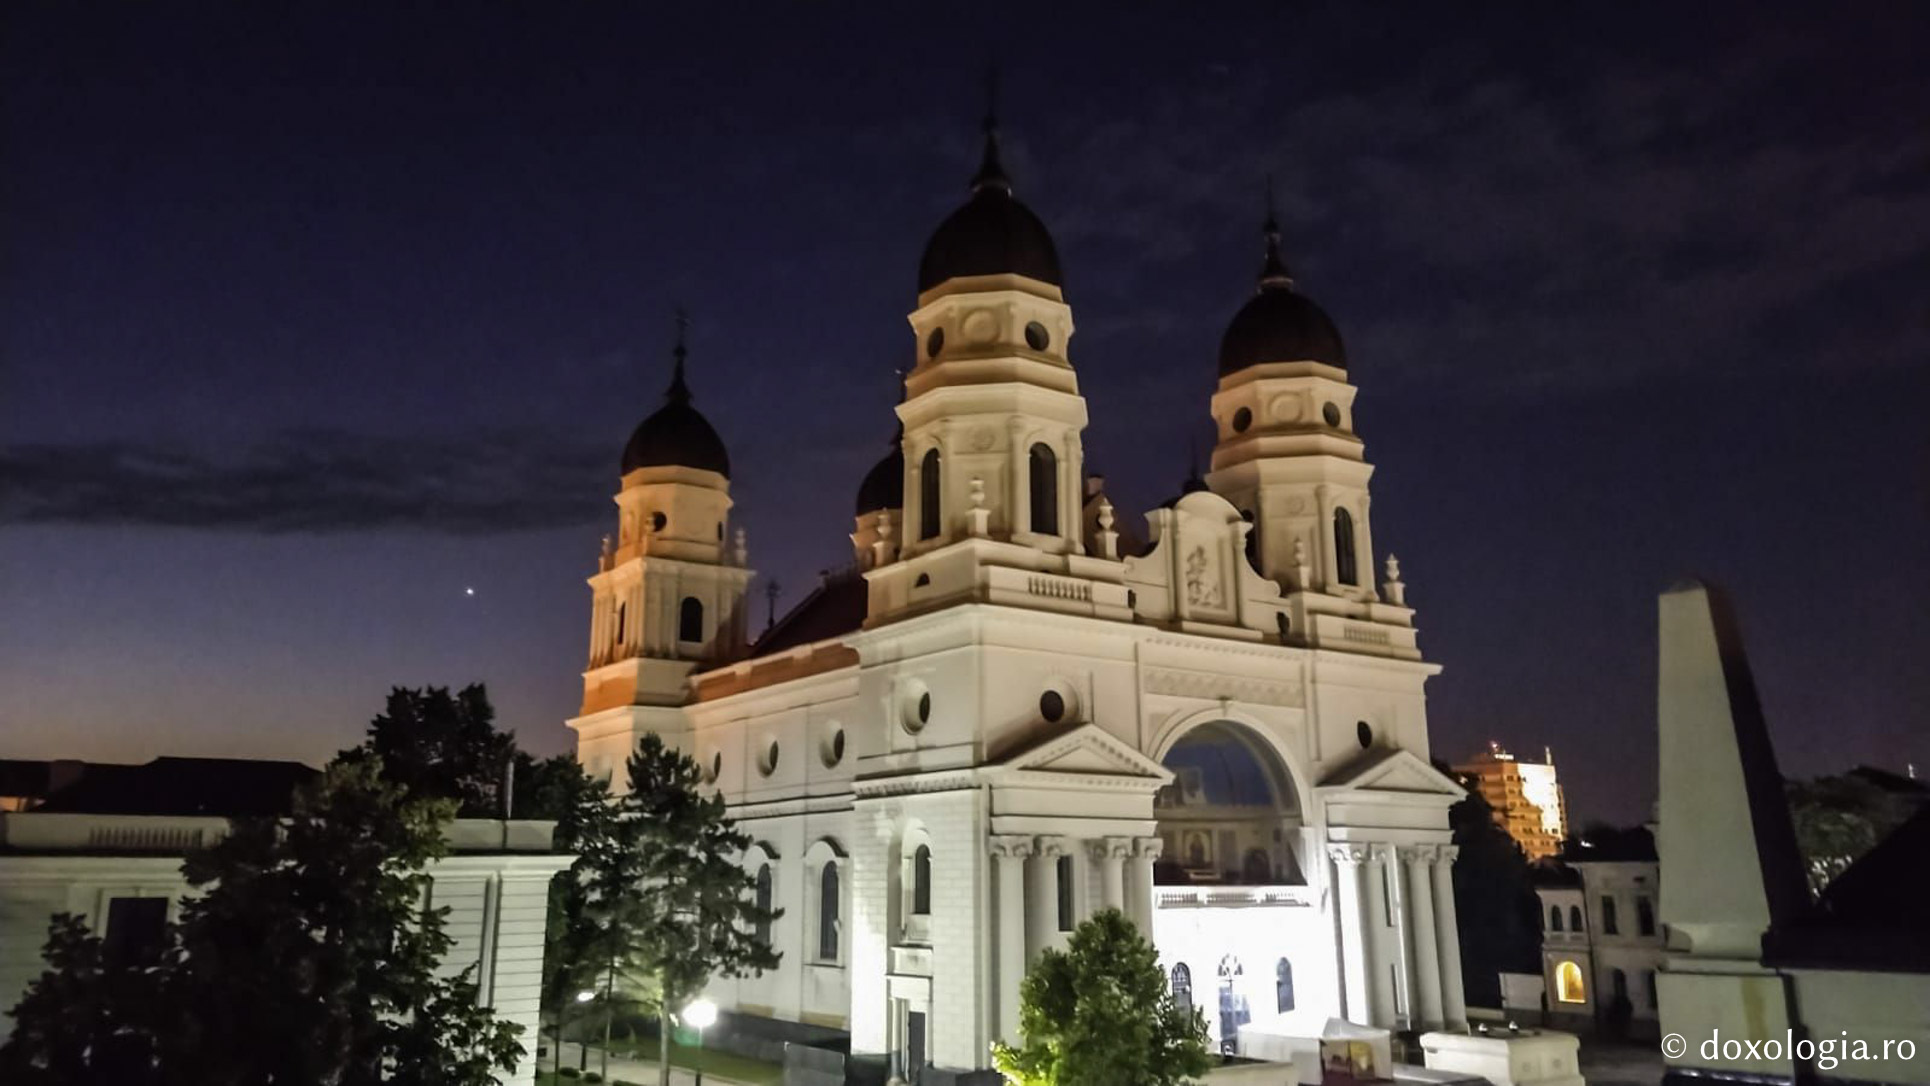 Foto) Catedrala Mitropolitană din Iași | Doxologia